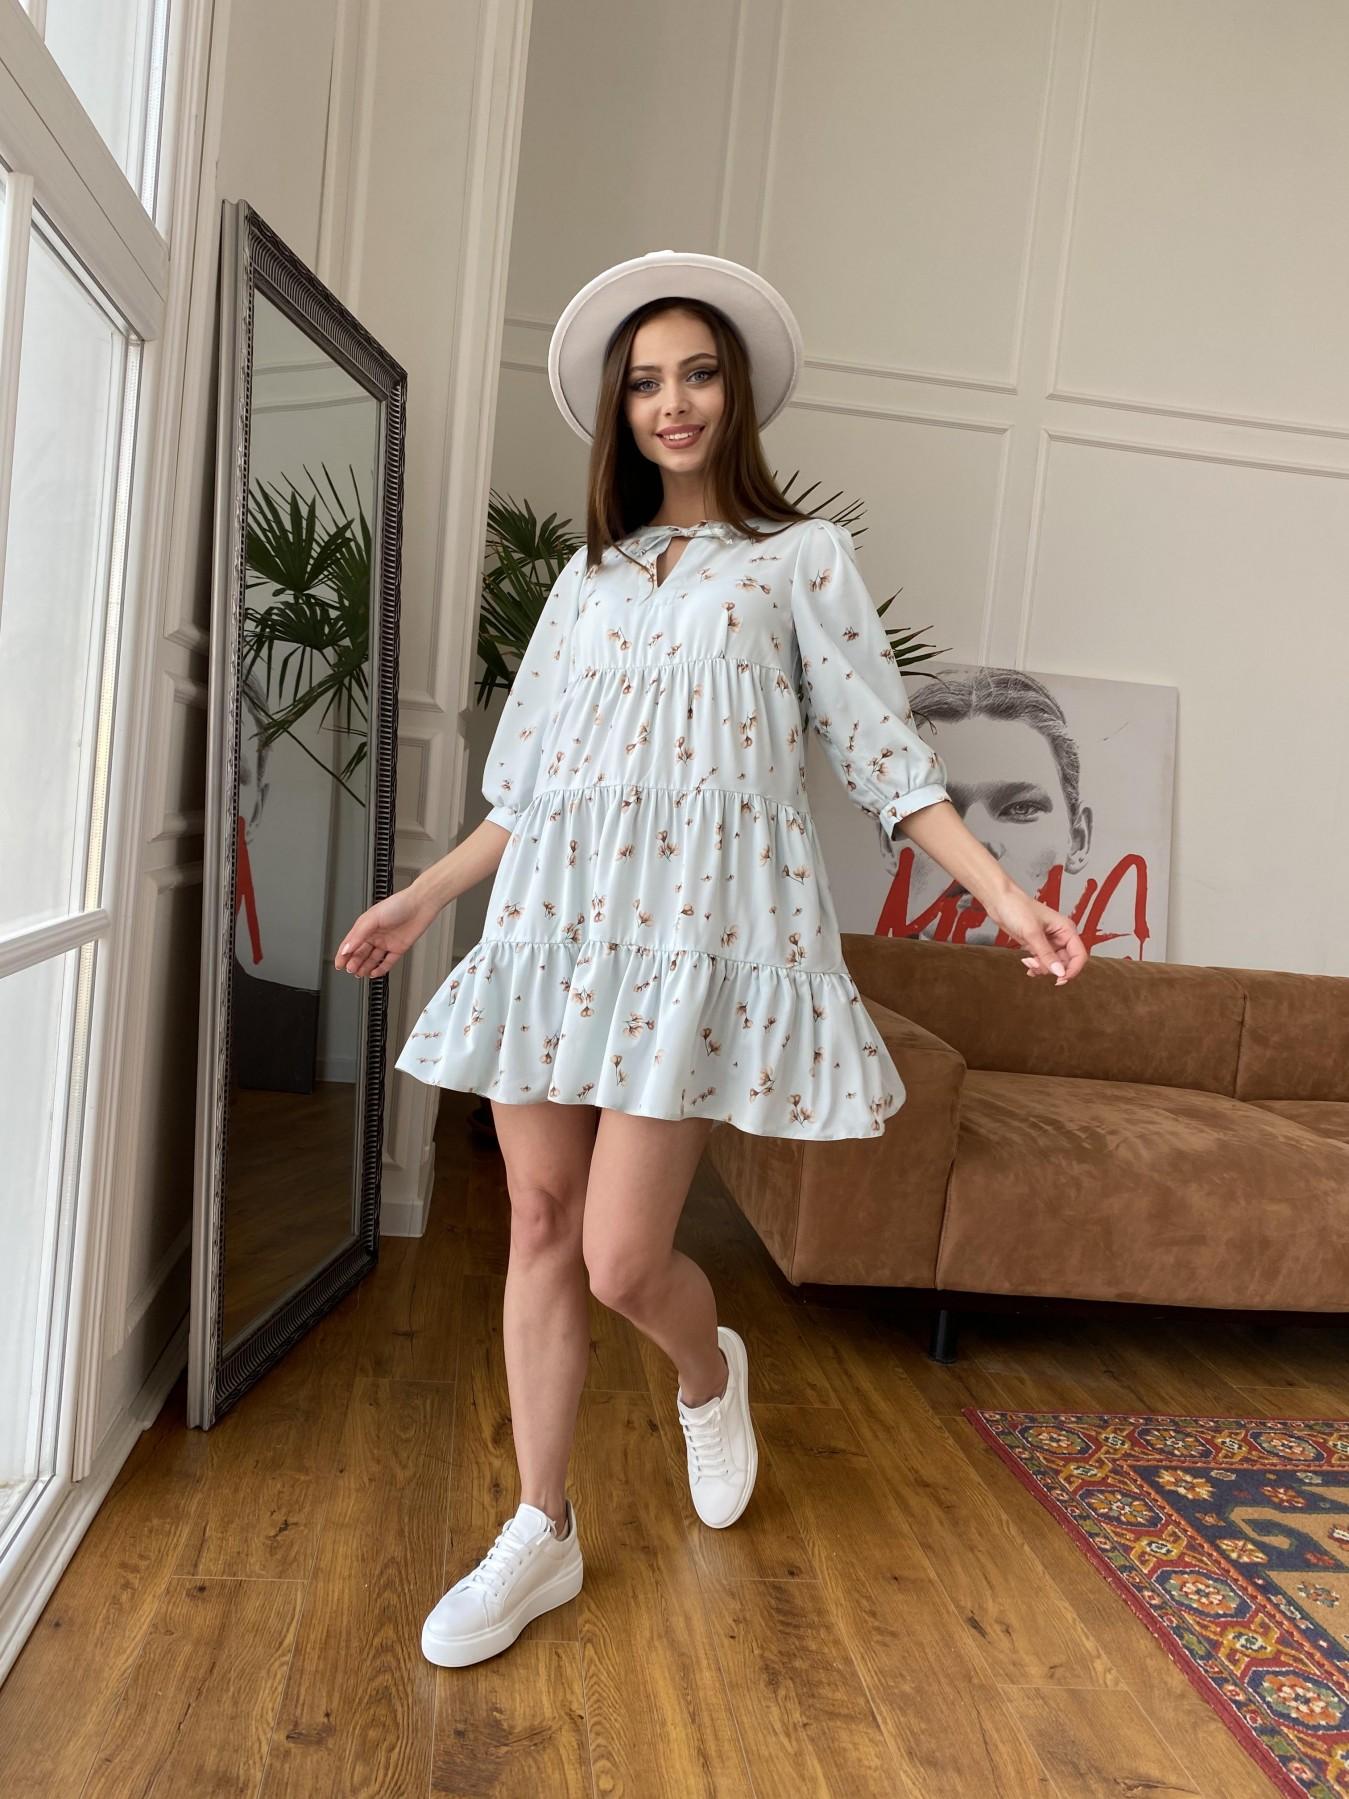 Нинель платье из софта с принтом 11114 АРТ. 47603 Цвет: МятаСв/БежЦветокМел - фото 1, интернет магазин tm-modus.ru